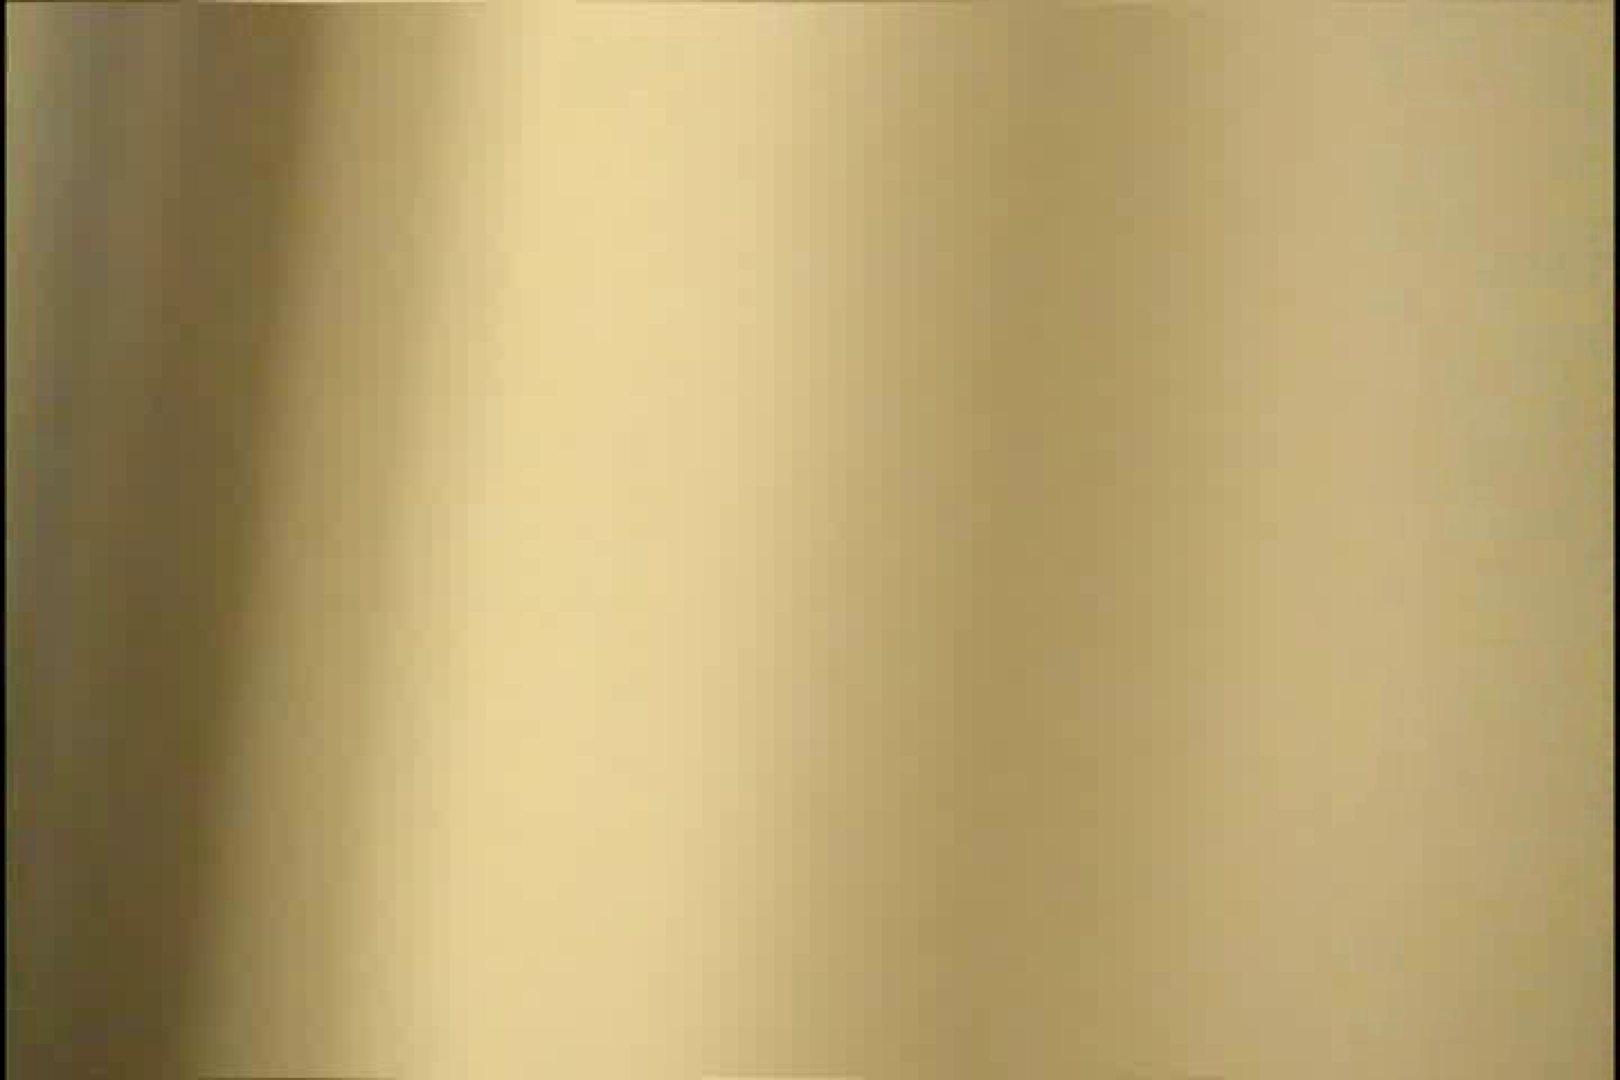 マンコ丸見え女子洗面所Vol.26 丸見え | マンコ無修正  89画像 57